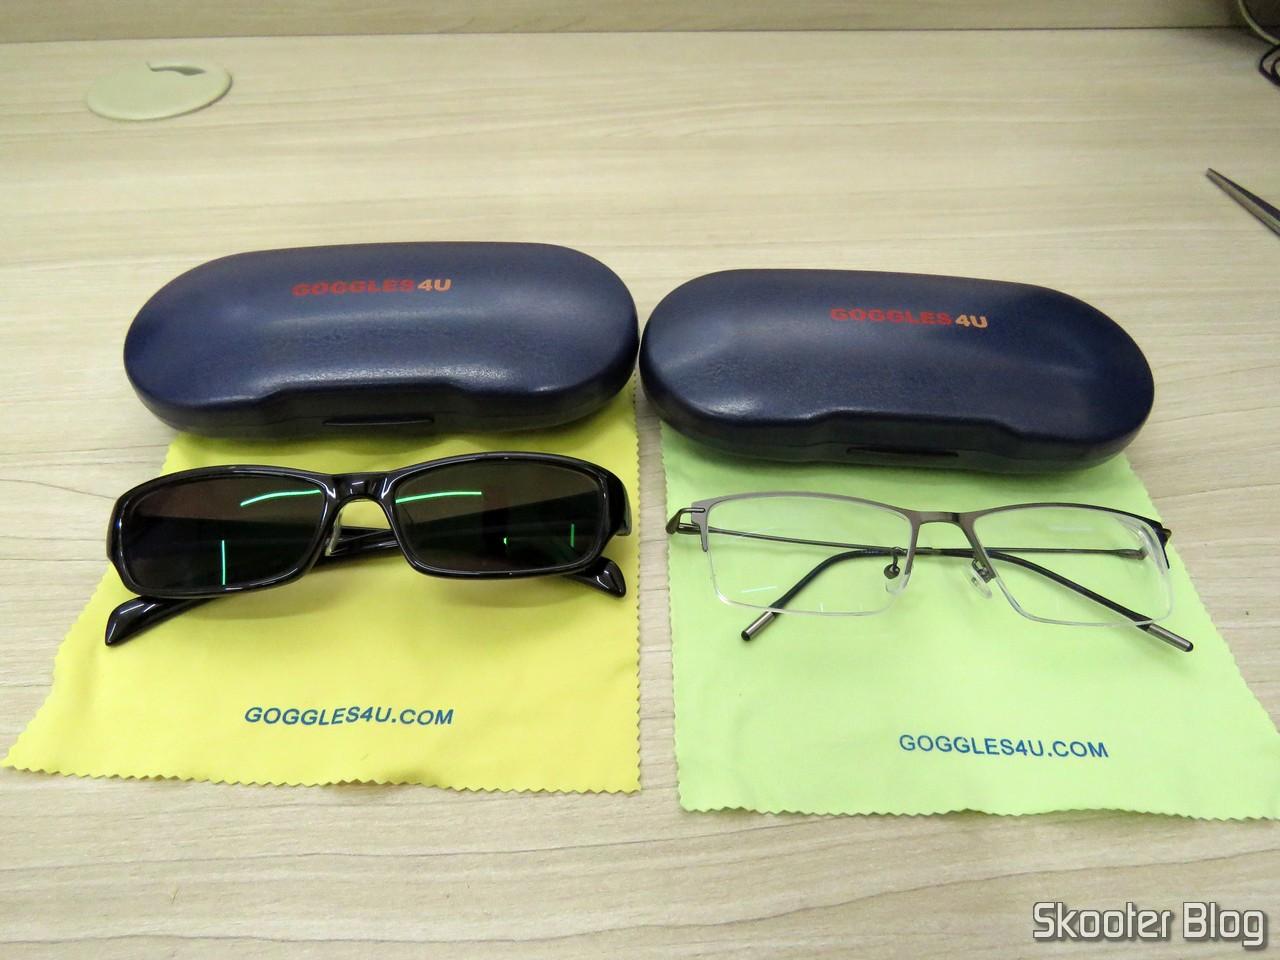 c4377d6fe Review] Goggles4U - 5º Pedido - Óculos de Grau Lente 1.67 Super Fina ...